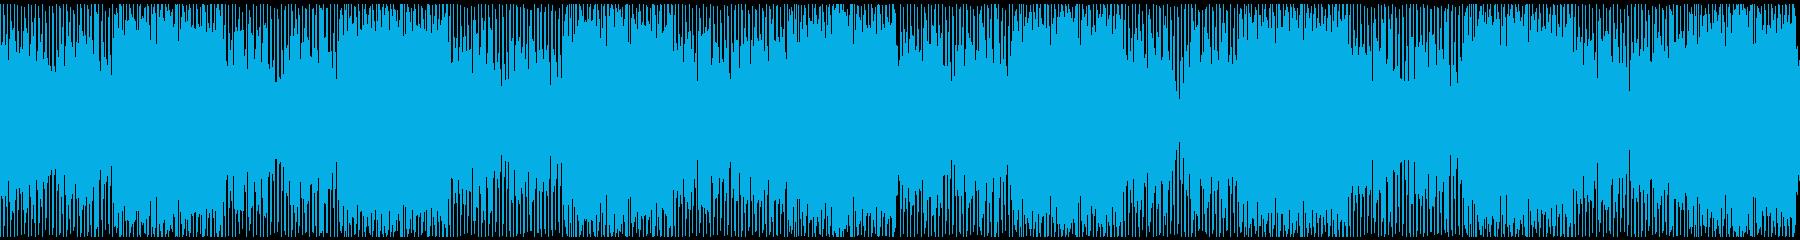 オシャレで軽快なハウスミュージックの再生済みの波形